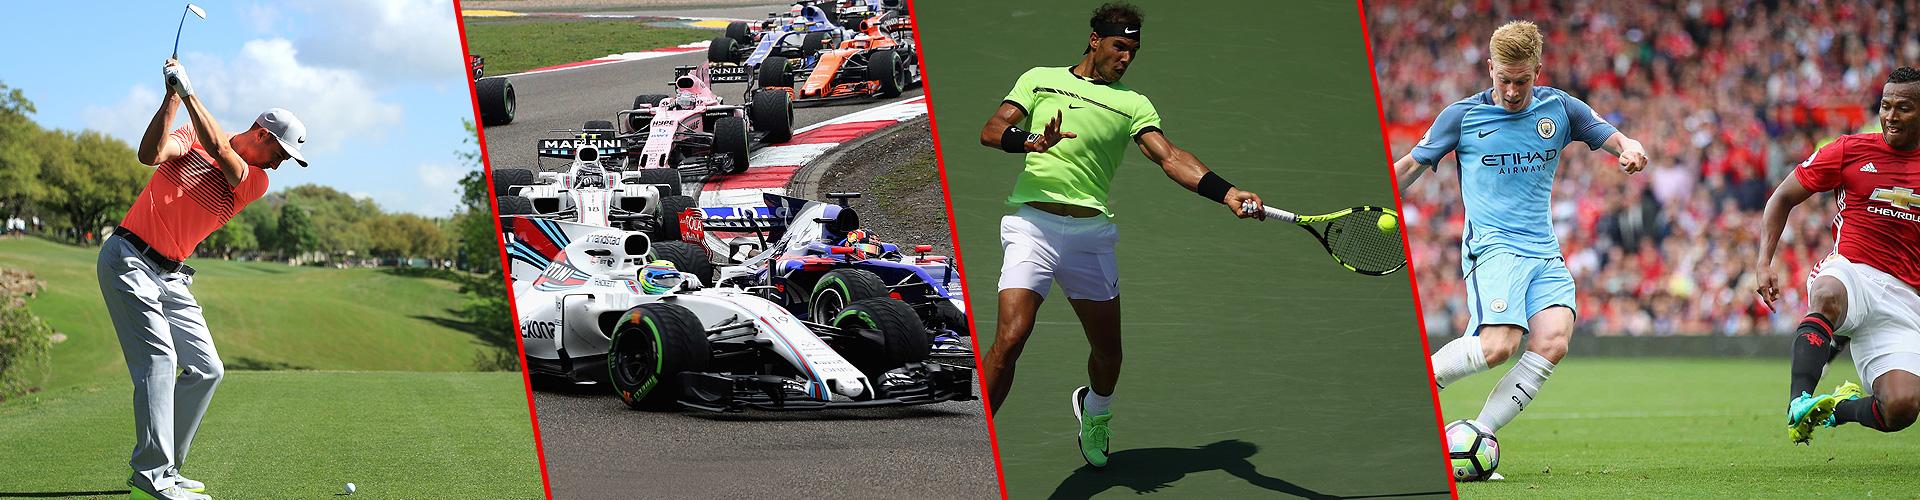 sports-round-up-27042017-banner-1920x520.jpg